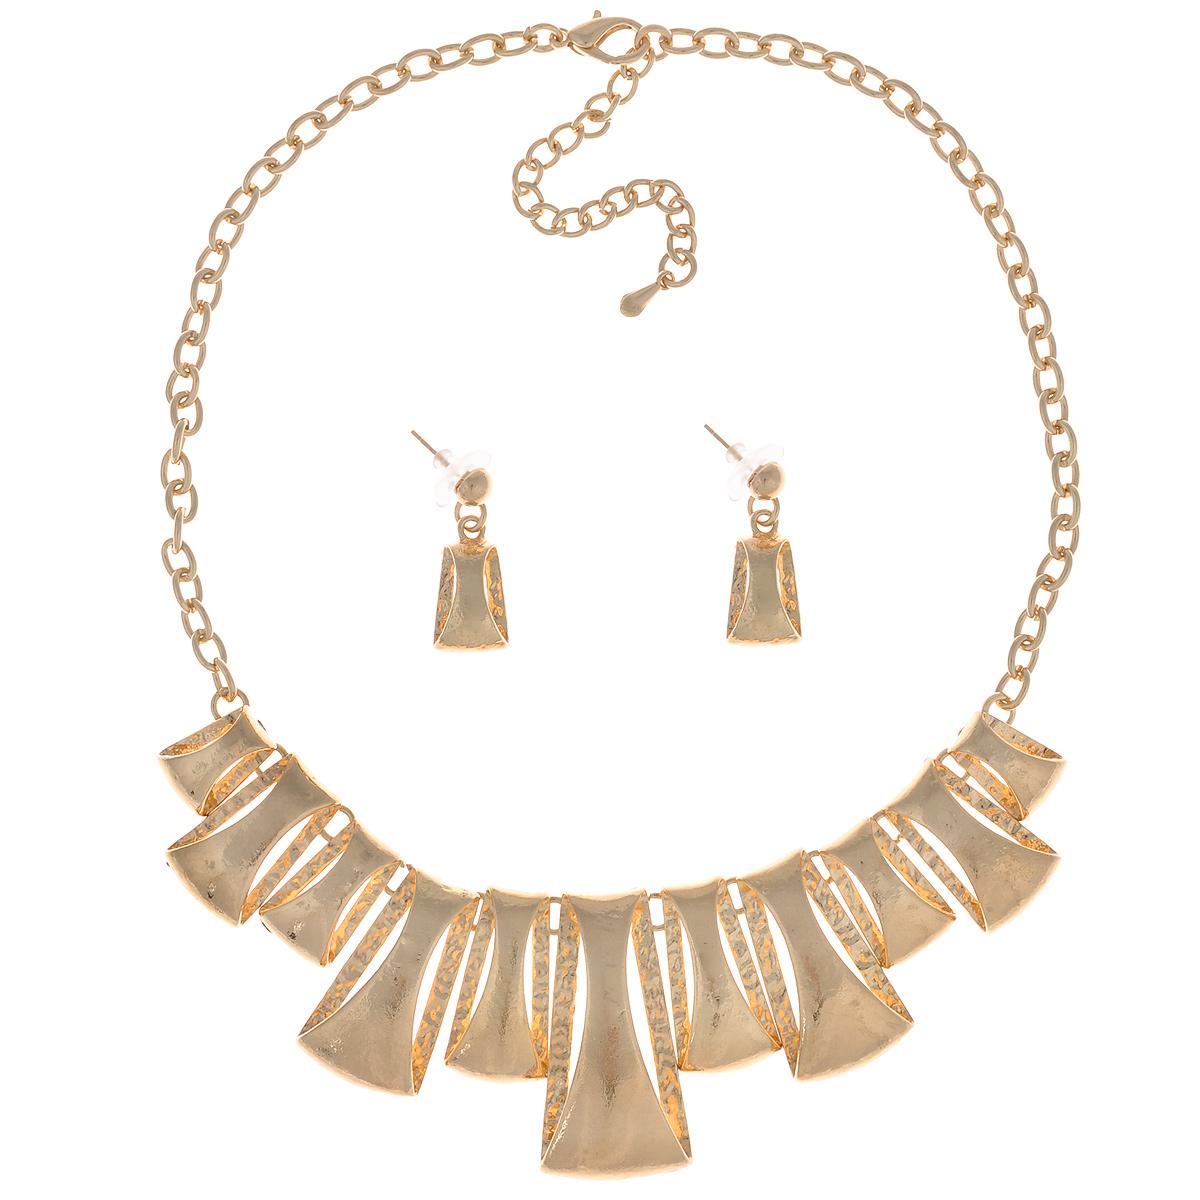 Комплект украшений Taya: колье, серьги, цвет: золотистый. T-B-9291